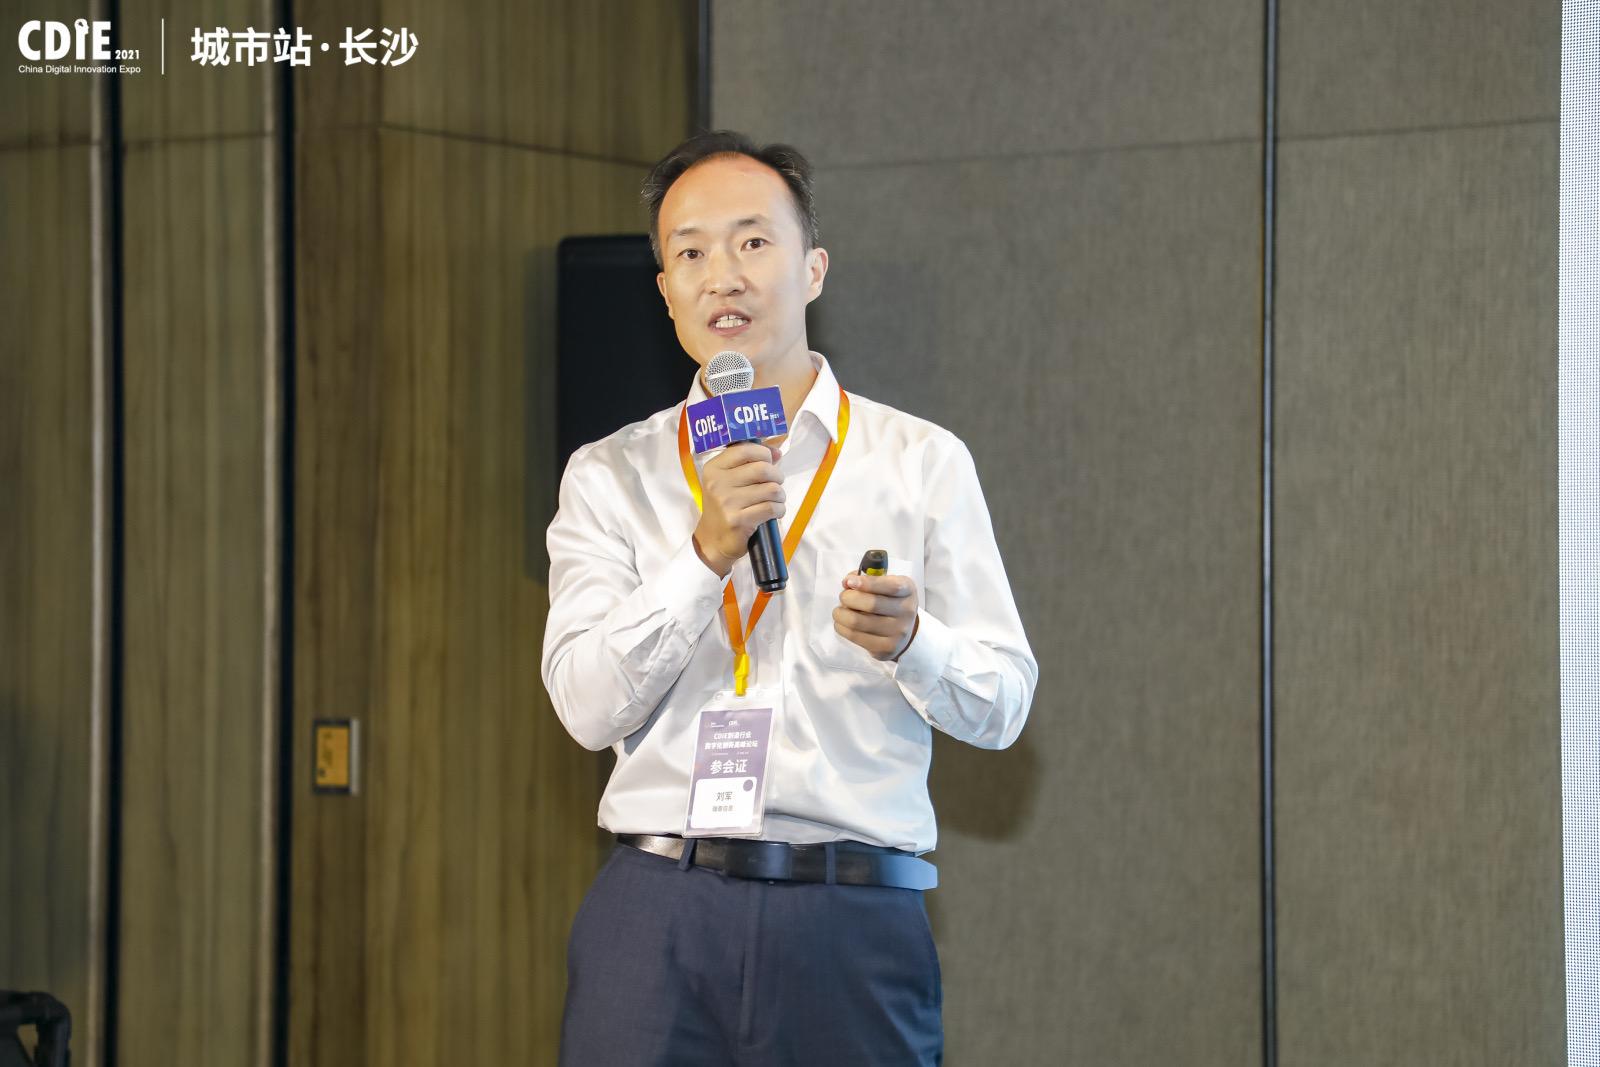 瑞泰信息副总裁刘军:数字化平台赋能企业营销服务转型